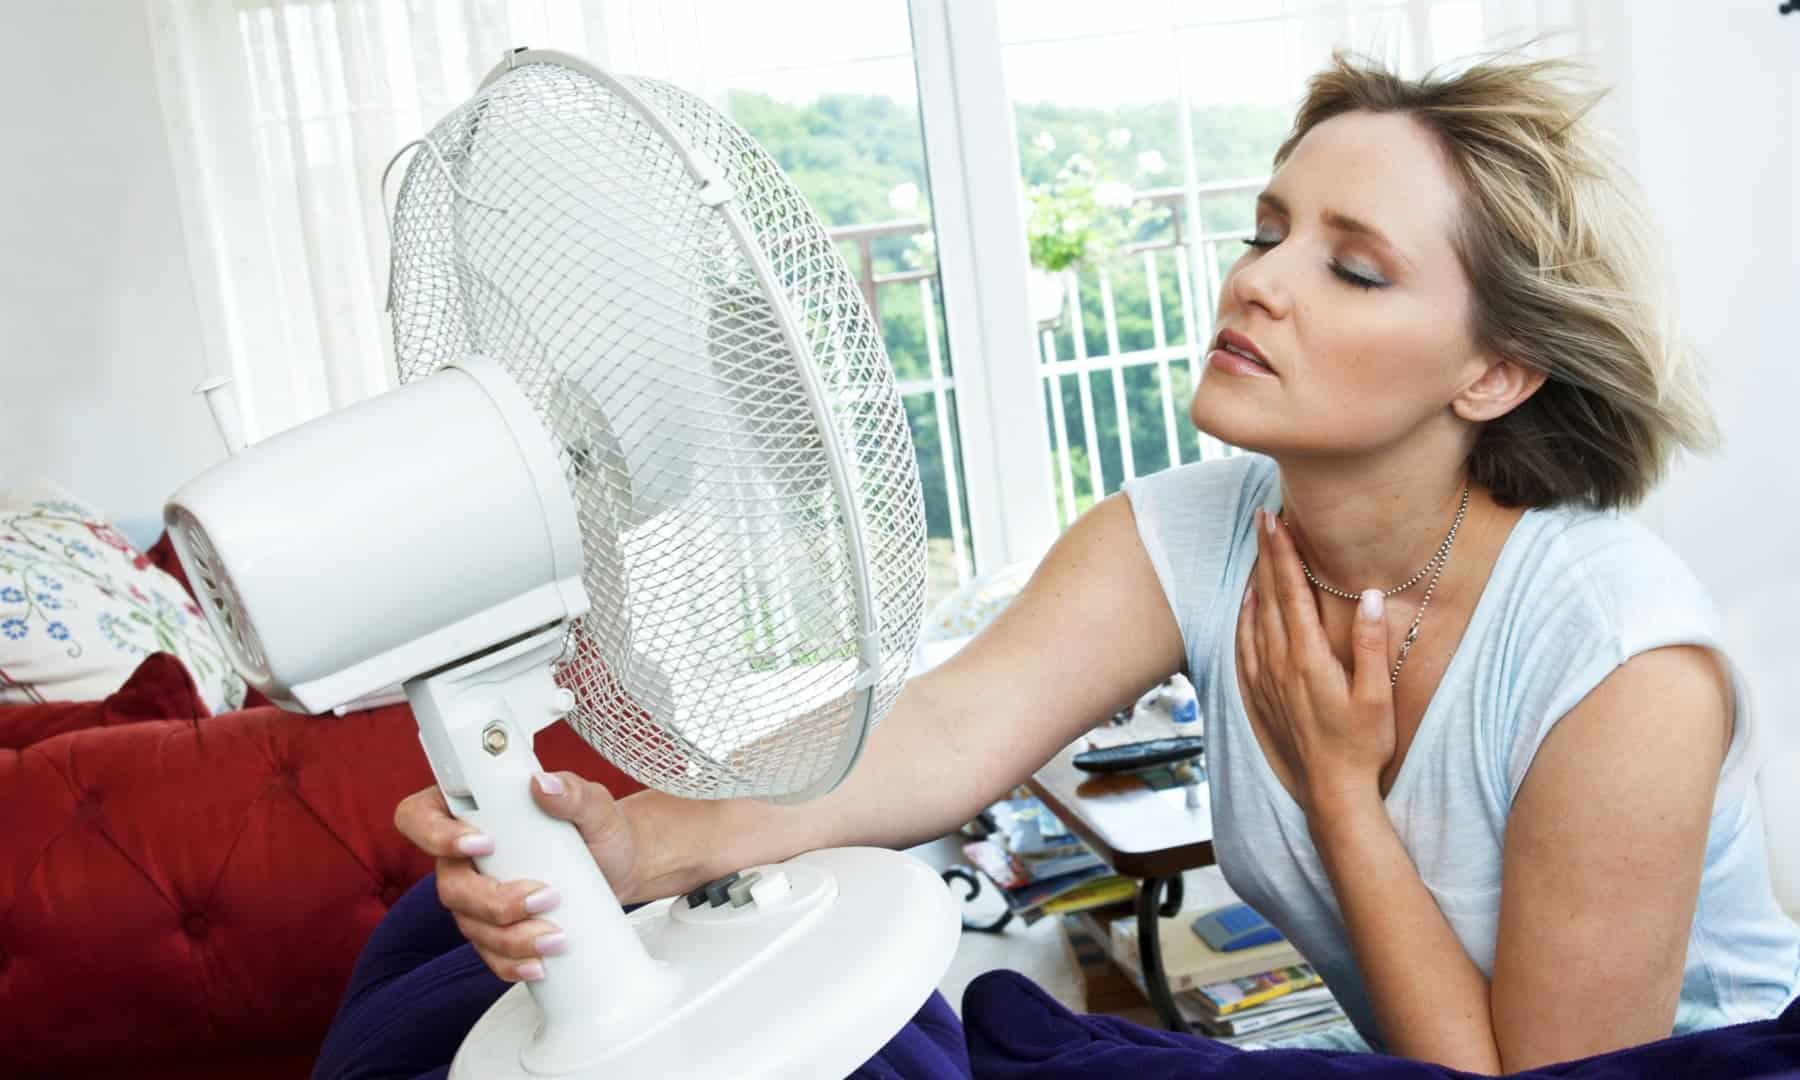 erken menopoz nedir Erken menopozun belirtileri nelerdir? Tedavisi